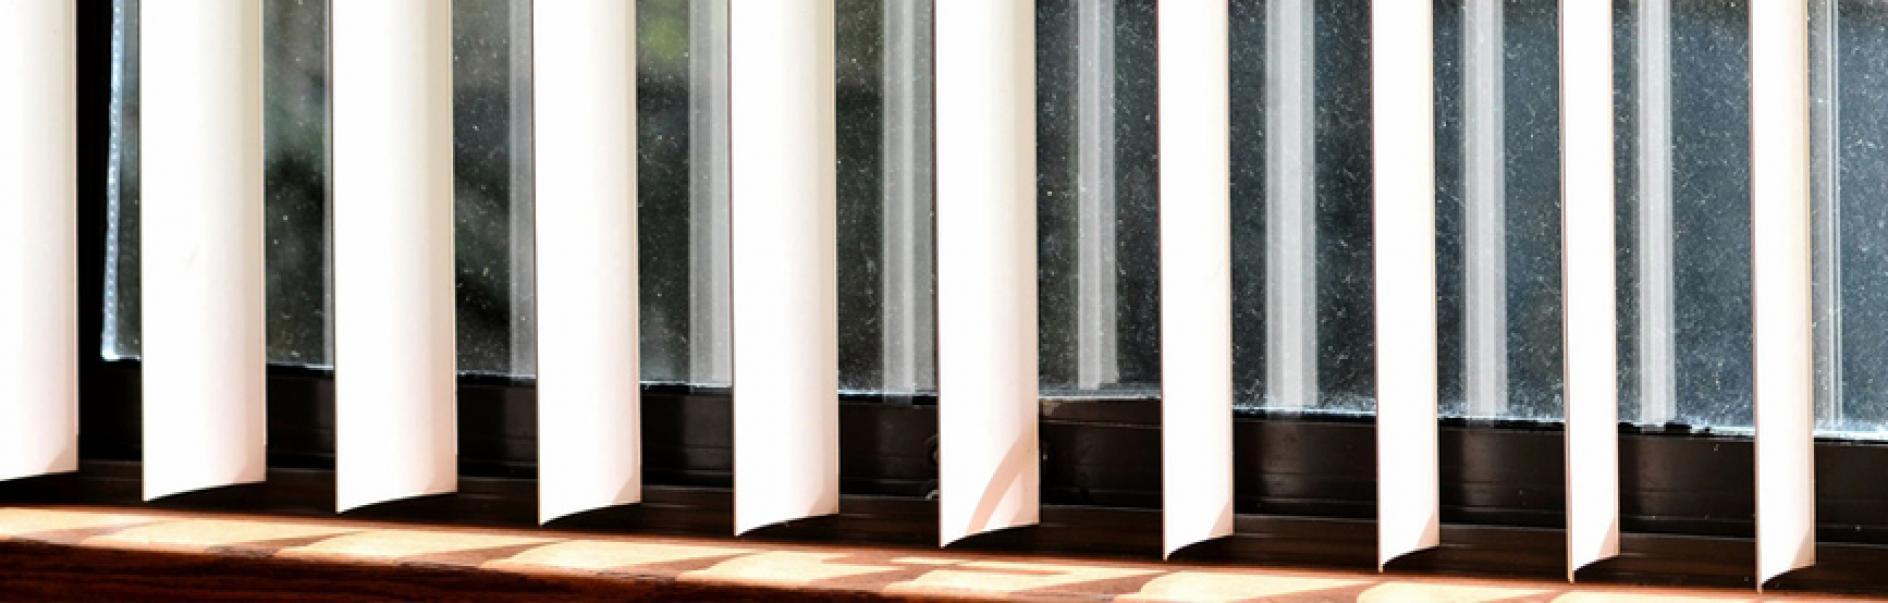 Tende Per Soffitti Inclinati installazione di tende verticali